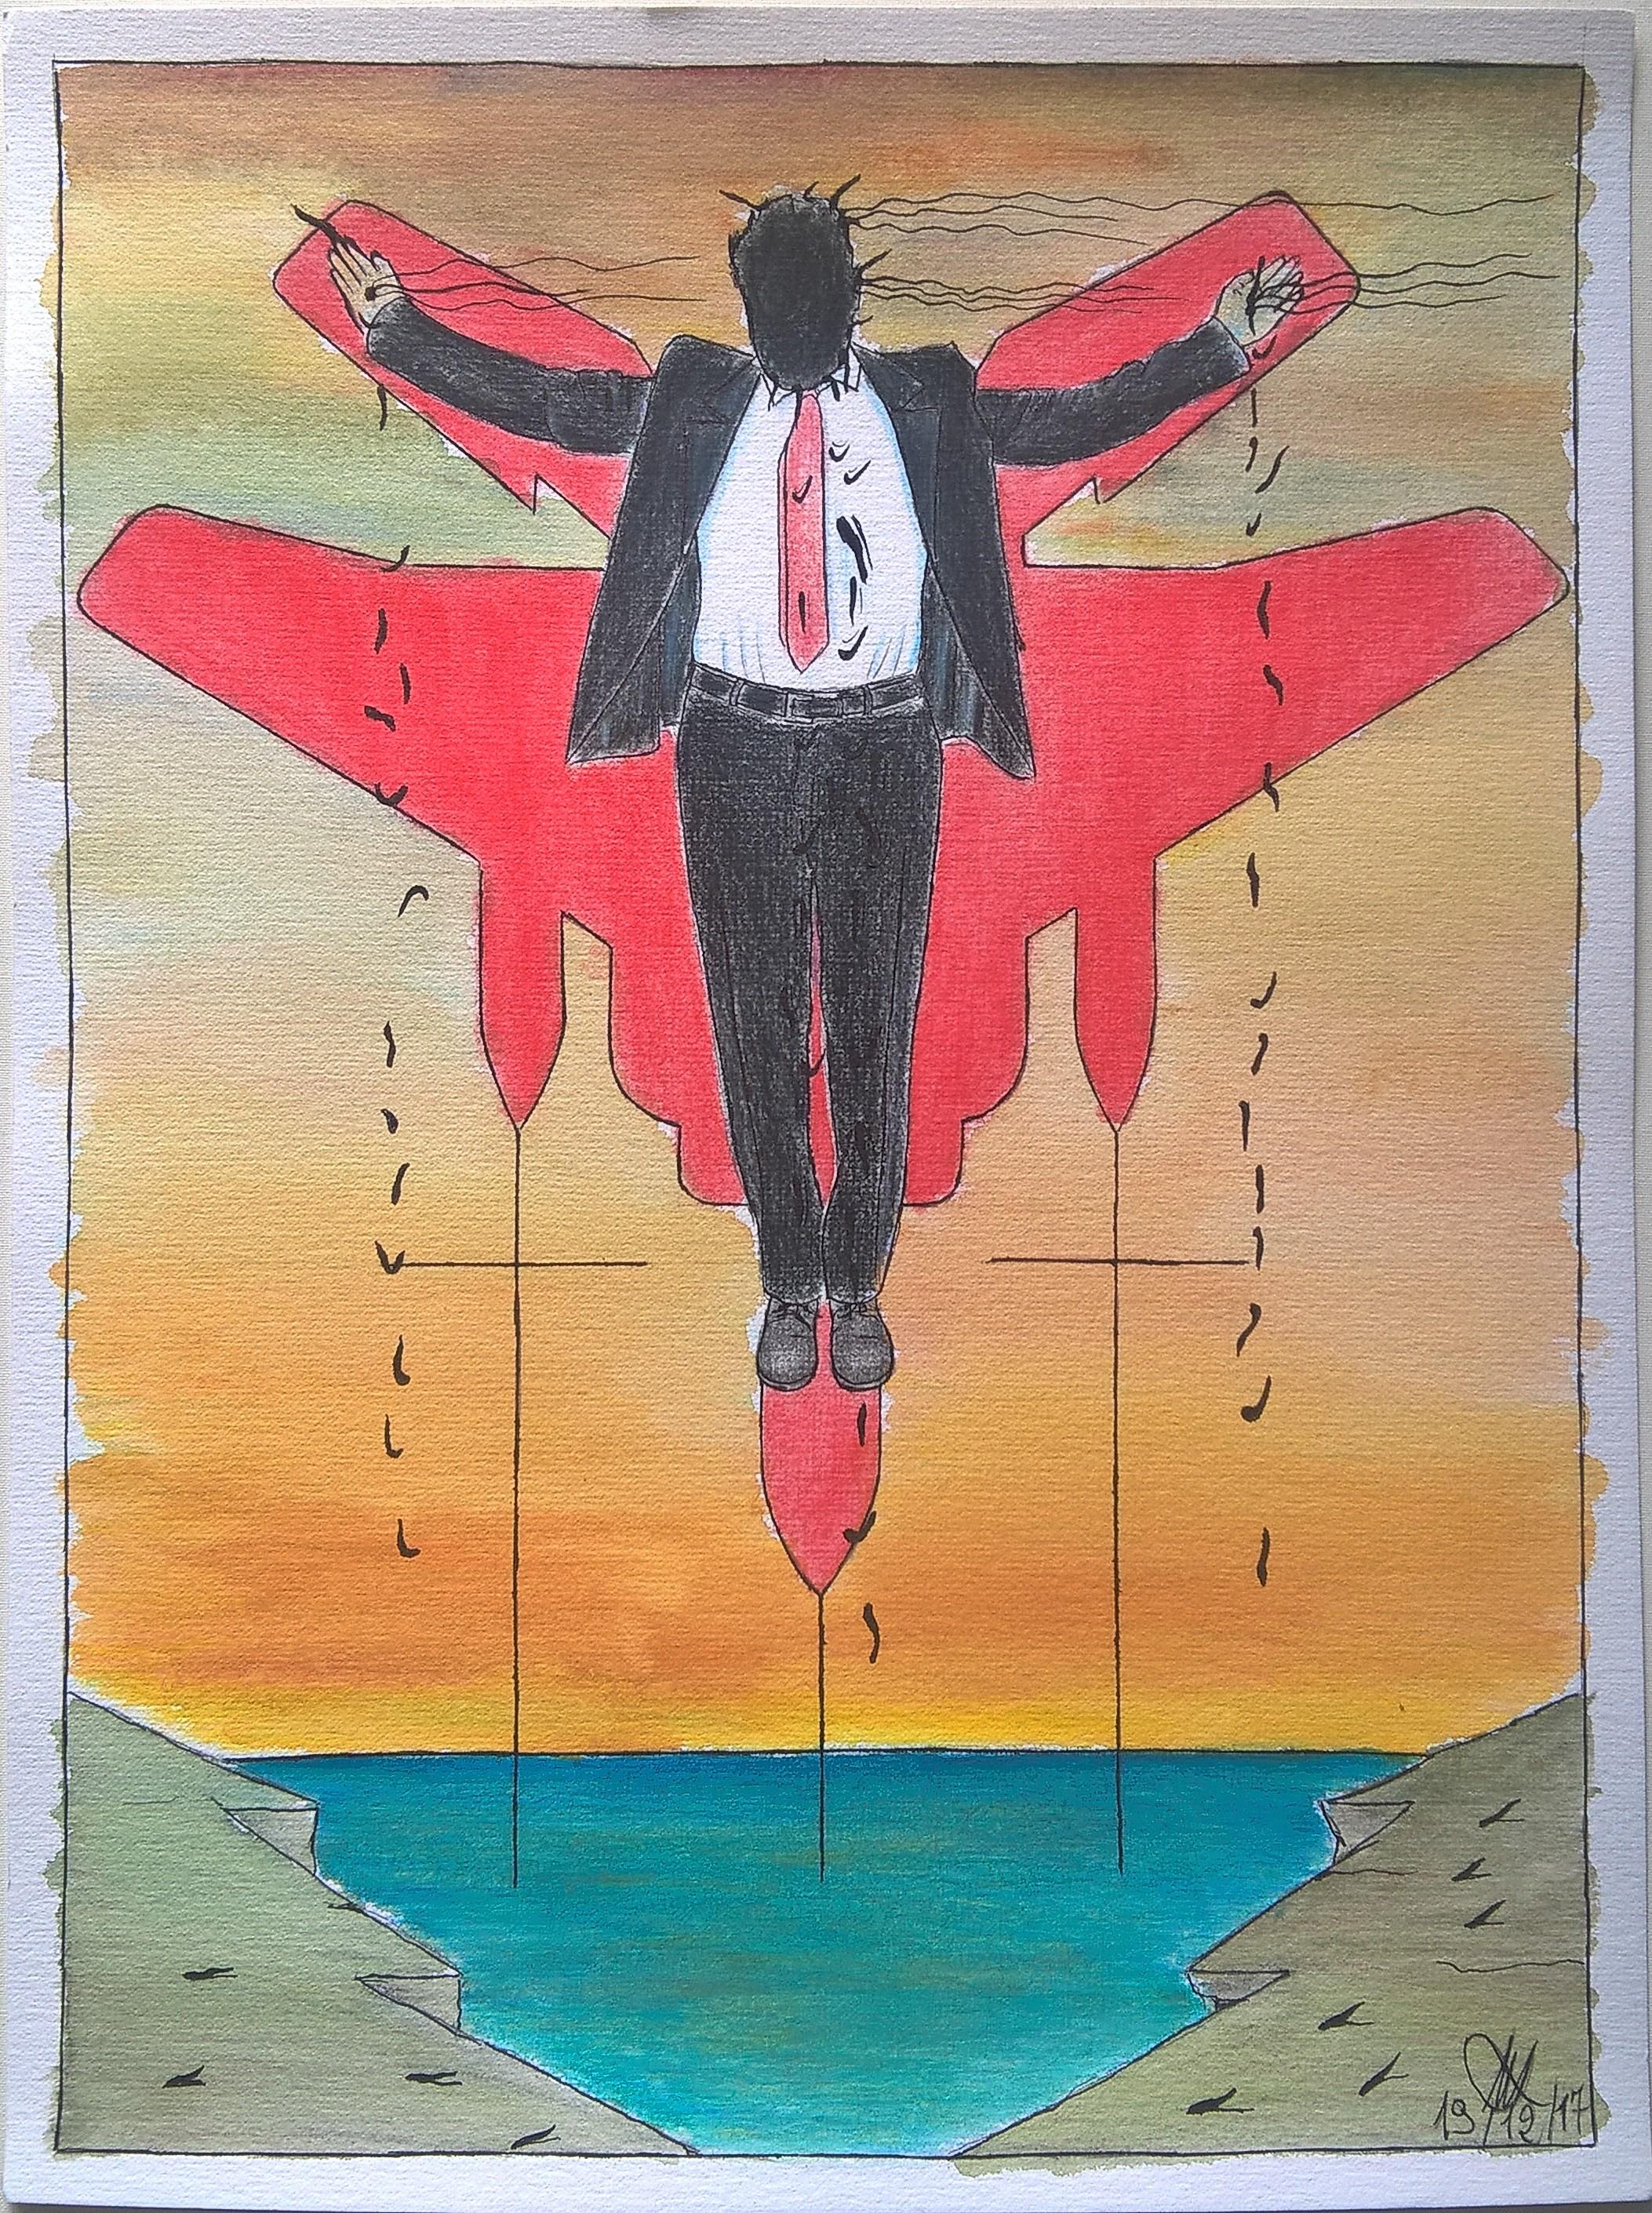 Crocifissione di un colletto bianco (Crucifixion of a white collar),2017 disegno con matite acquerellabili e matite colorate (drawing with watercolor pencils and colored pencils), cm 30×40, Pasquale Mastrogiacomo, Acerno (SA).